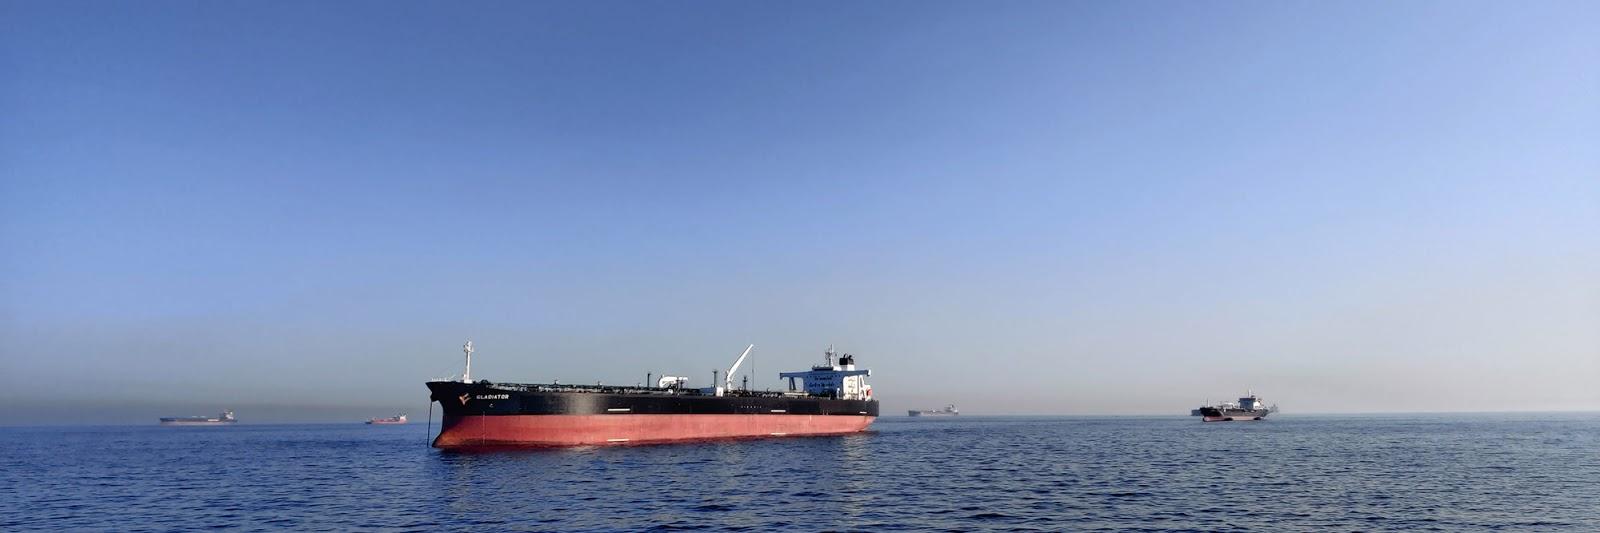 سفن البترول